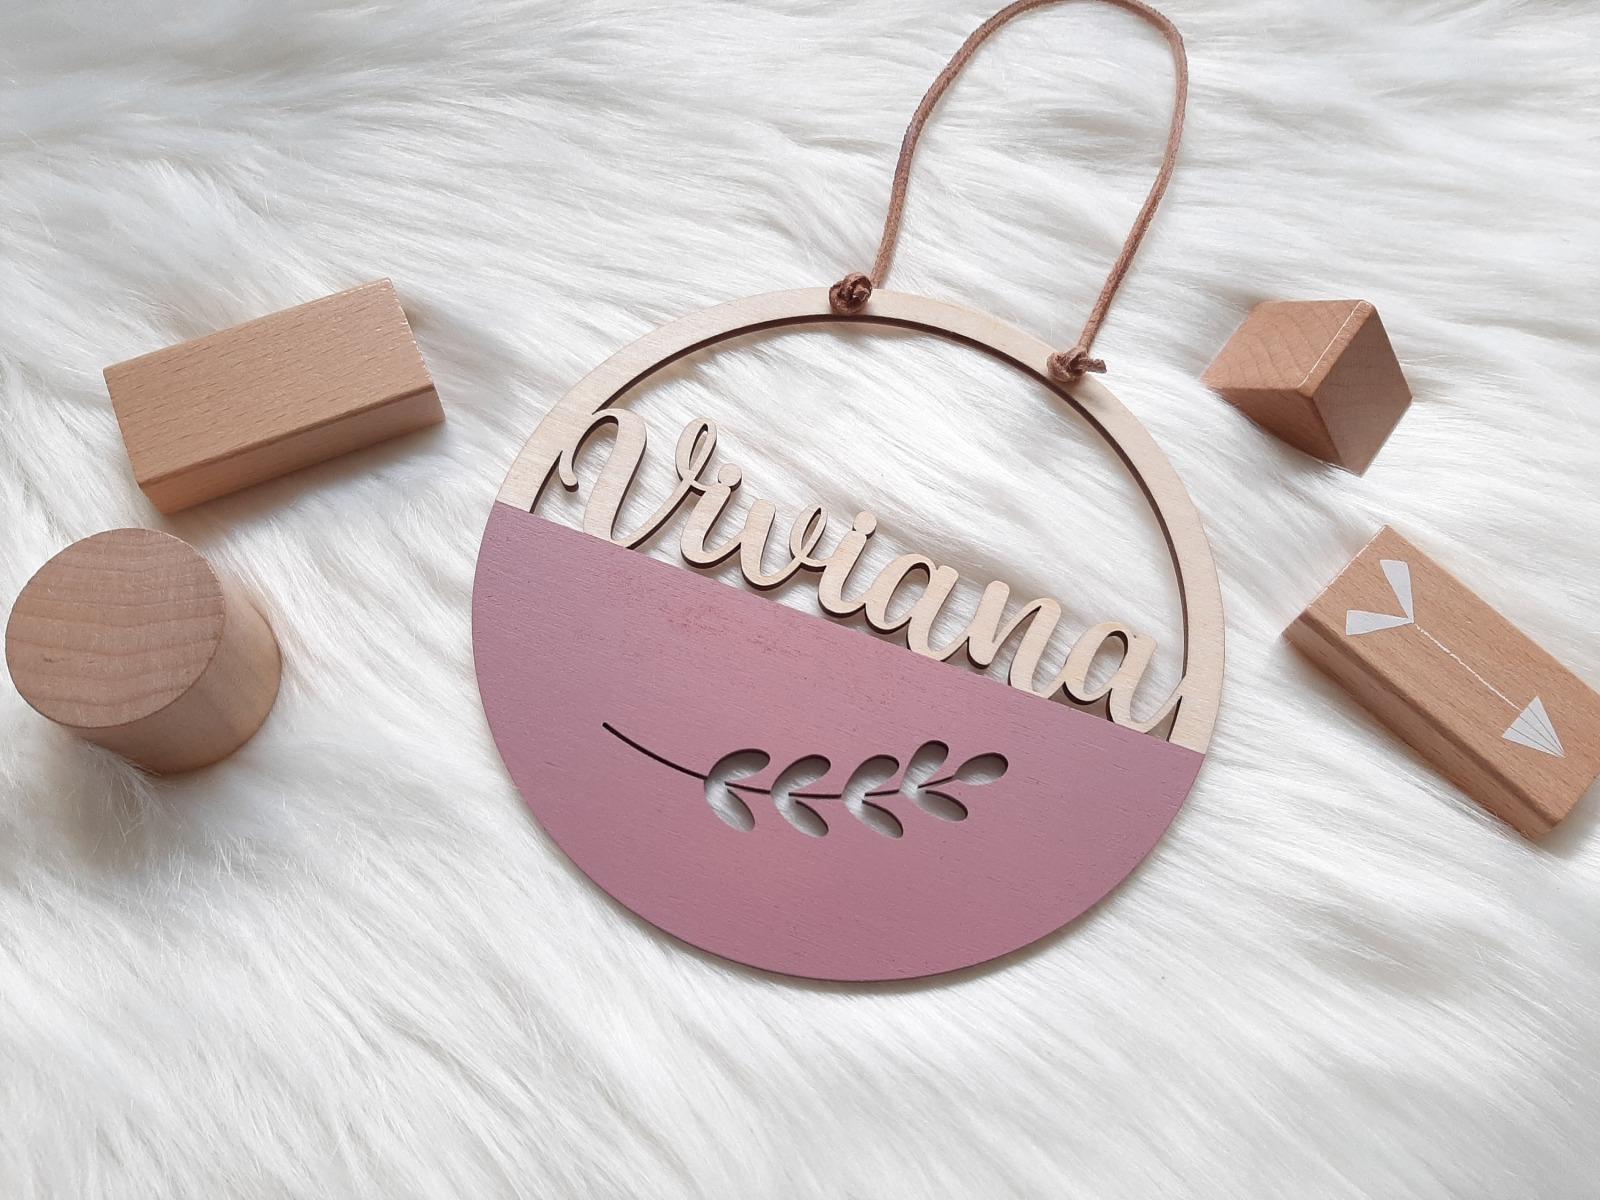 Namensschild Bunt mit Motive aus Holz